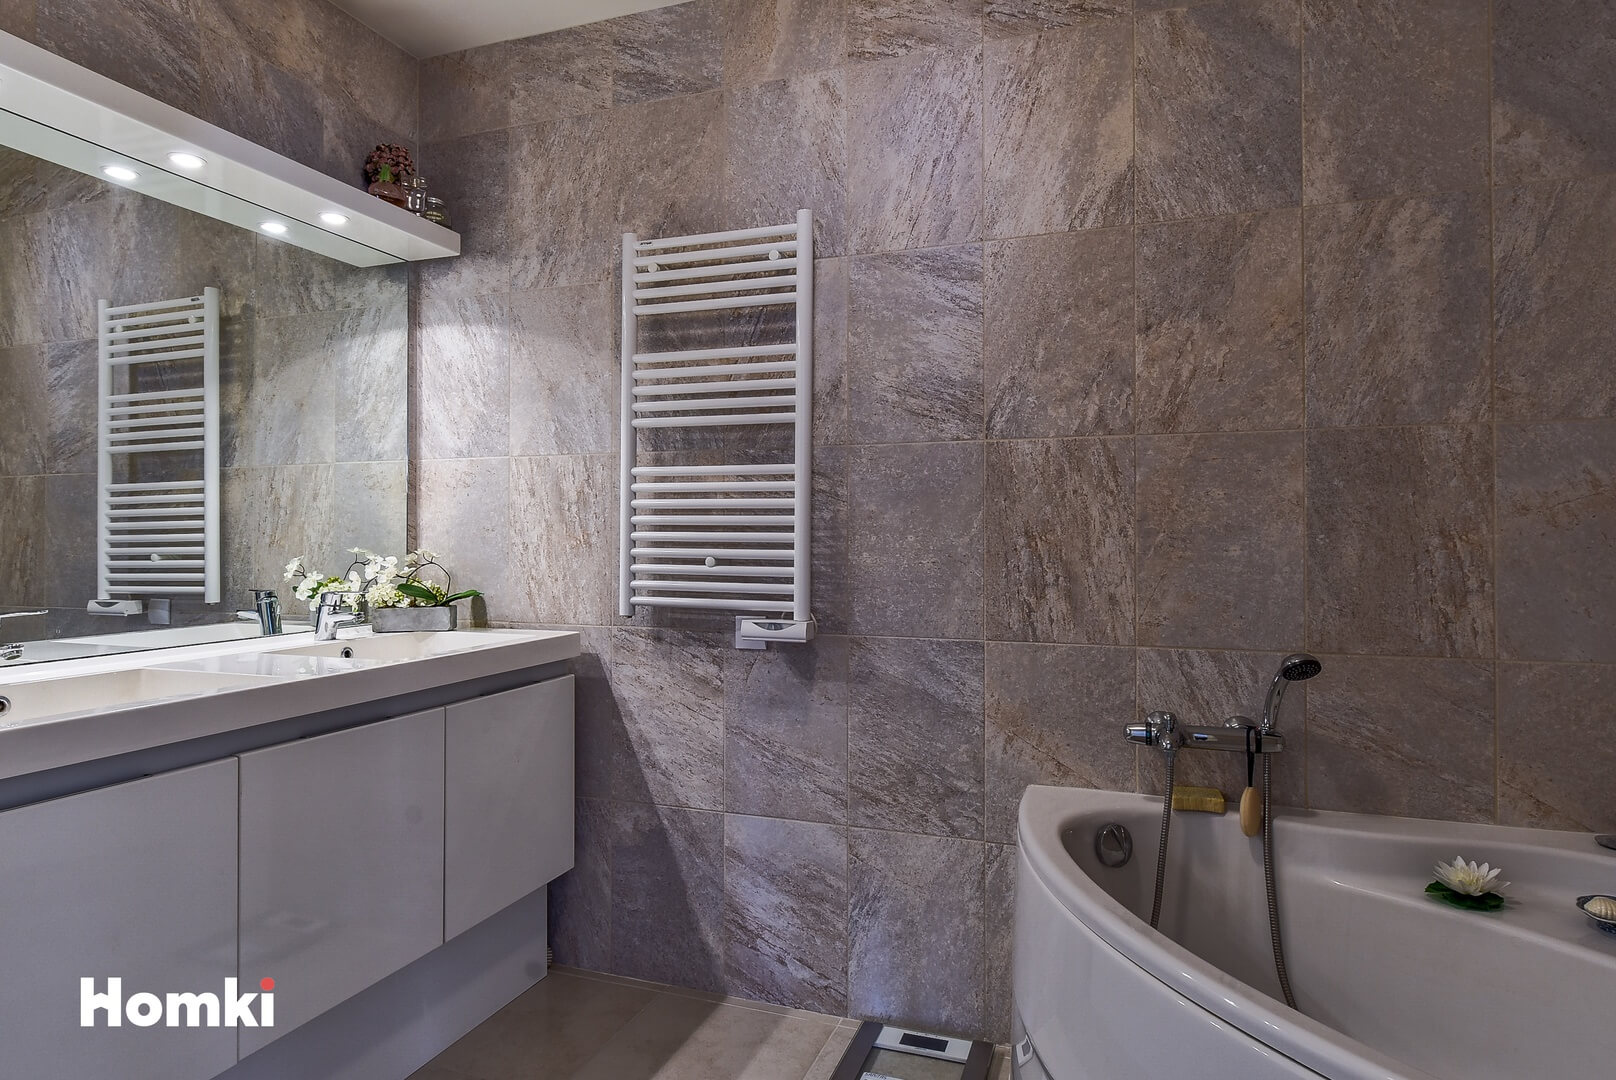 Homki - Vente Appartement  de 111.0 m² à Menton 06500